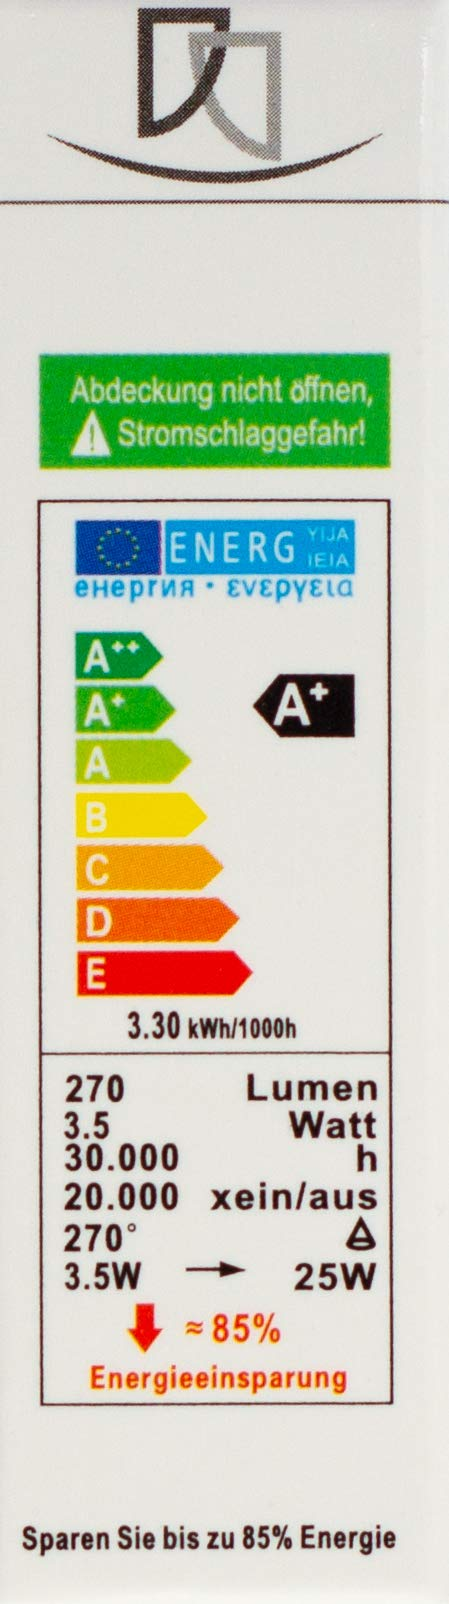 Mit-LED-Leuchtmittel-auswechselbar-Auenstern-Adventsstern-gelb-beleuchteter-Stern-55-60-cm-Weihnachtsstern-Leuchtstern-Faltstern-Leuchtmittel-StaRt-NDL-DUH-E14-35W-kein-Trafo-ntig